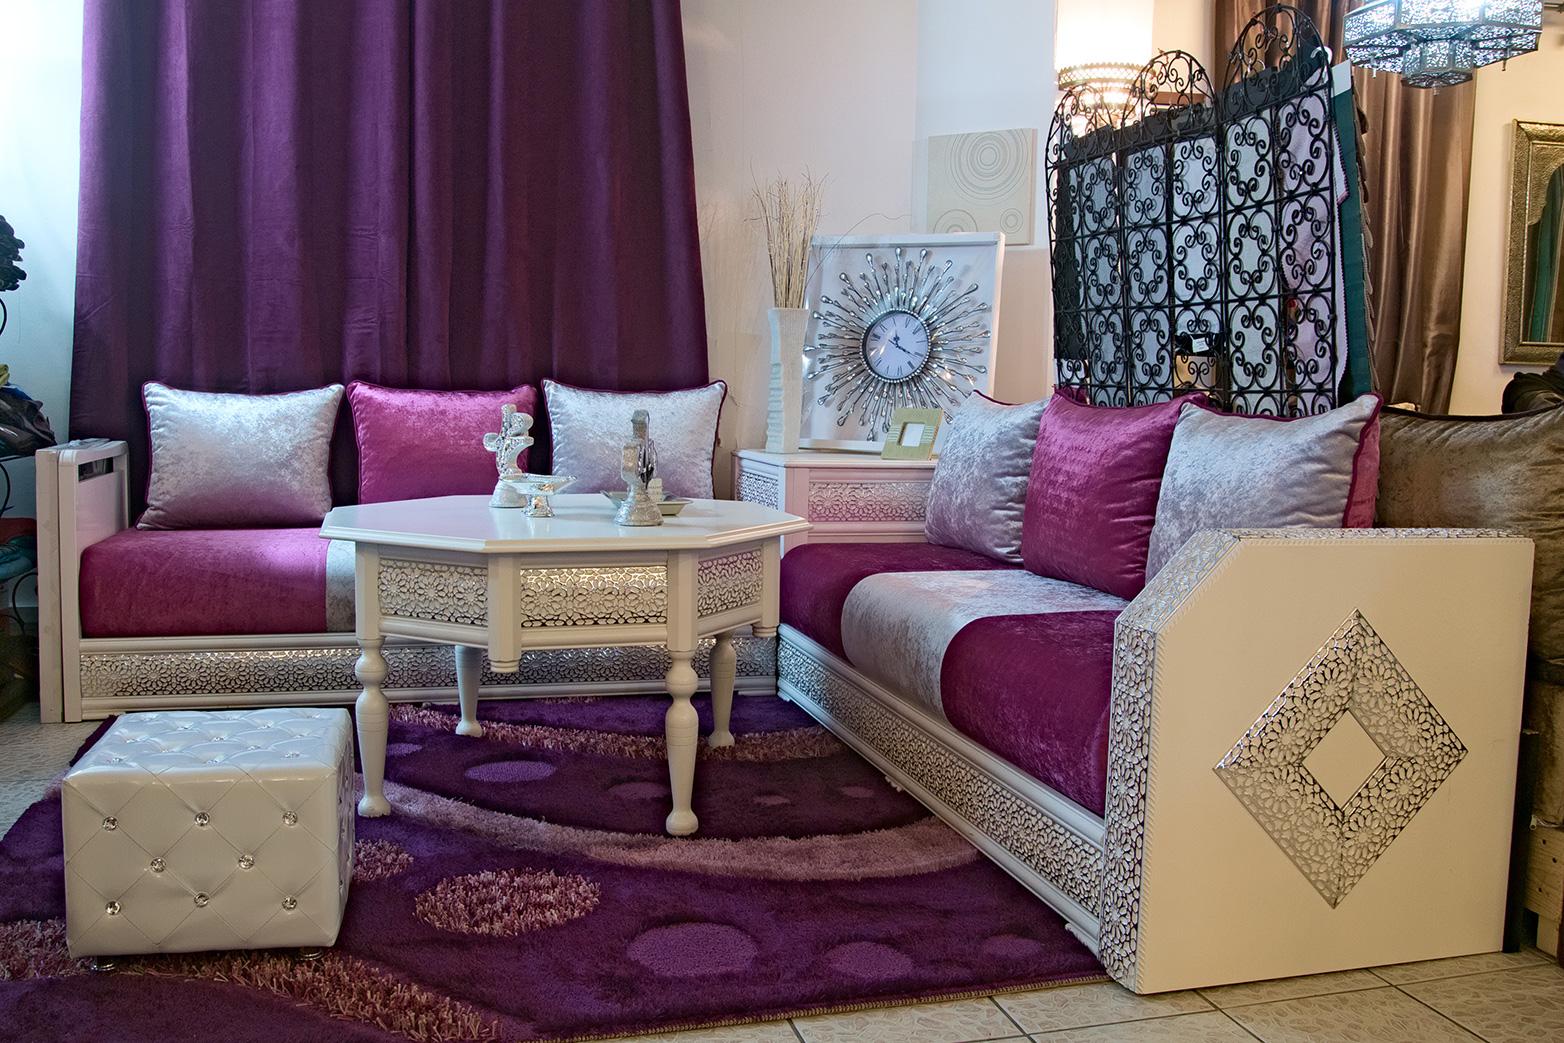 Salon marocain pas cher vendre en france d cor salon marocain for Decoration salon marocain